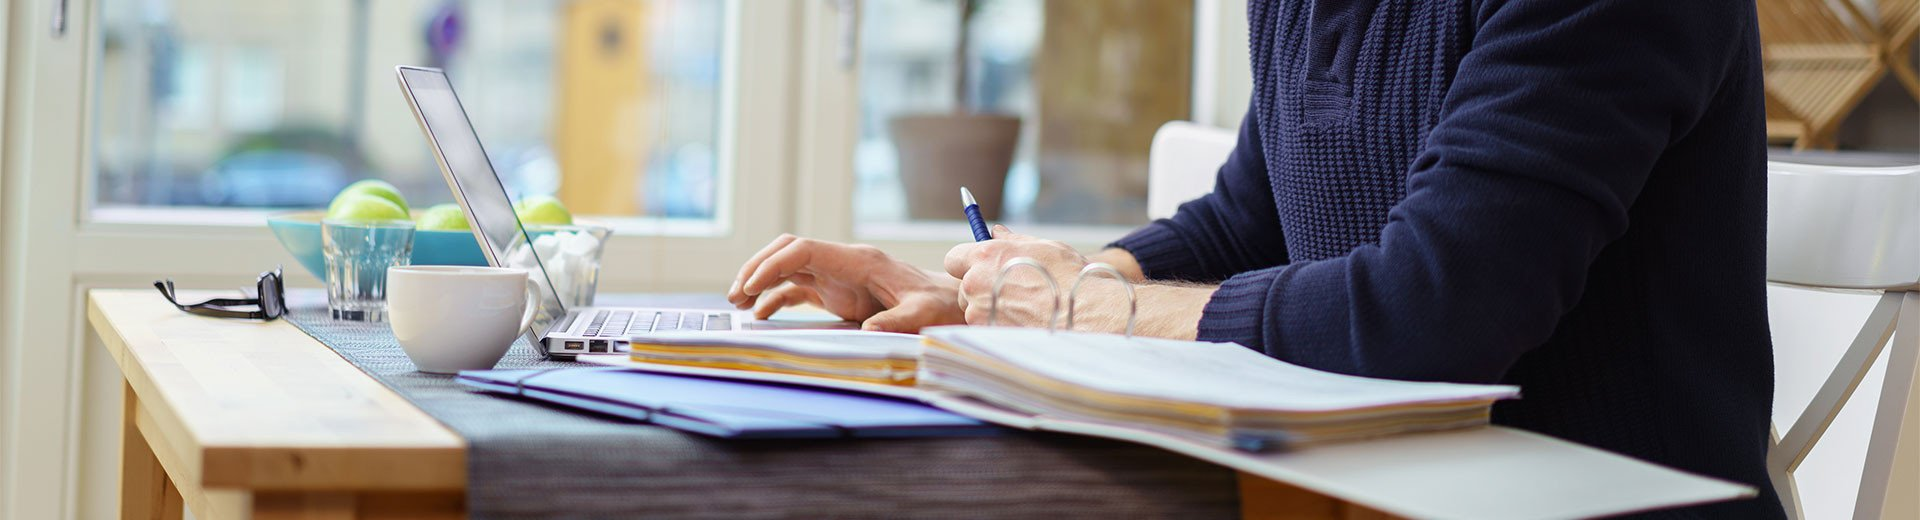 Okładka artykułu Jak stworzyć dobry brief? — Pytania, które warto zadać